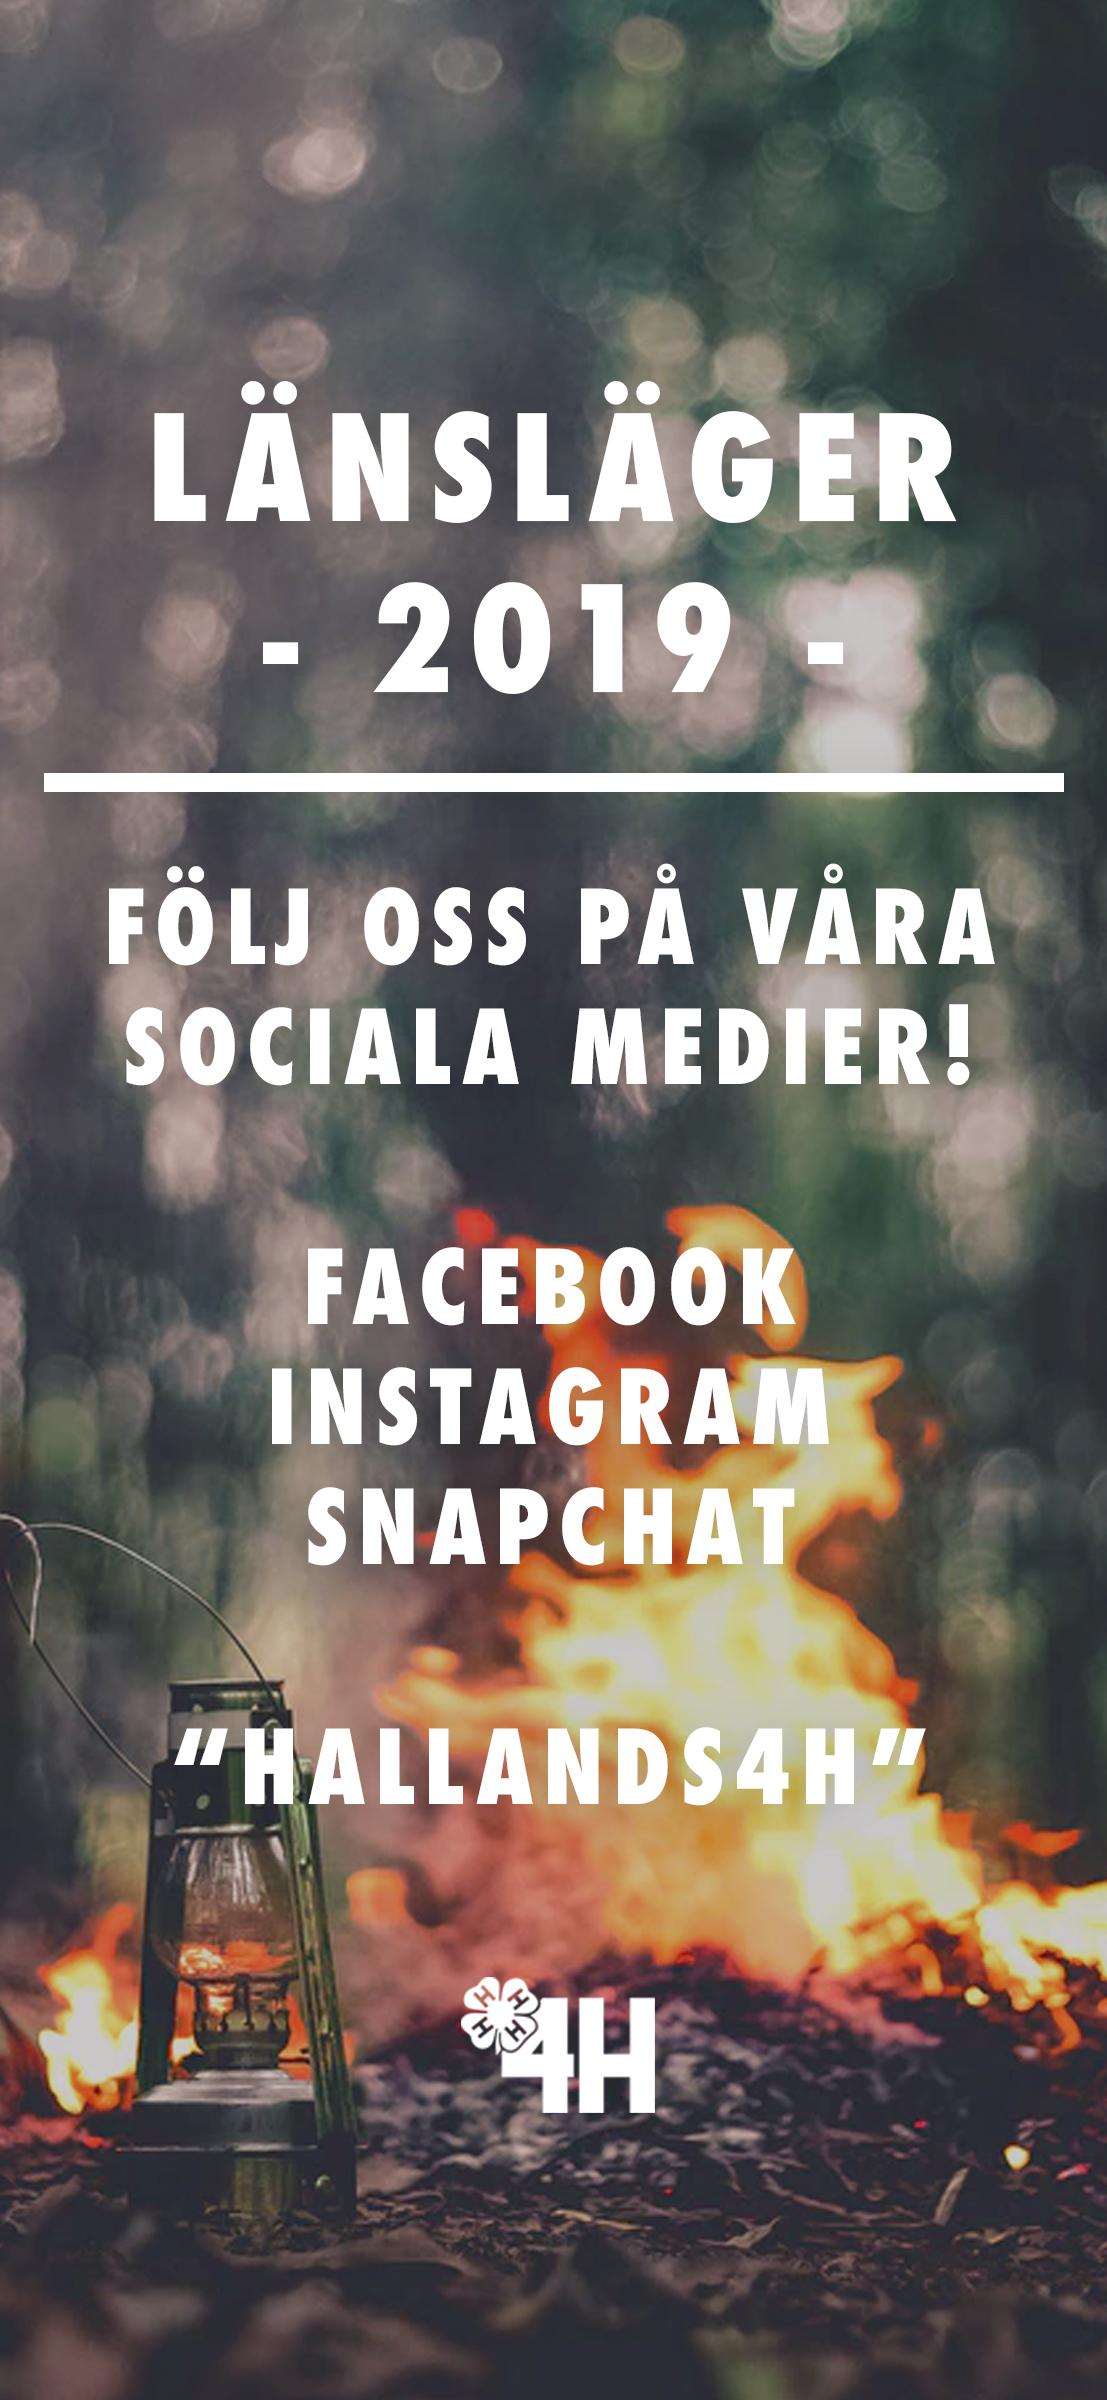 Länsläger_2019_Sociala-Medier